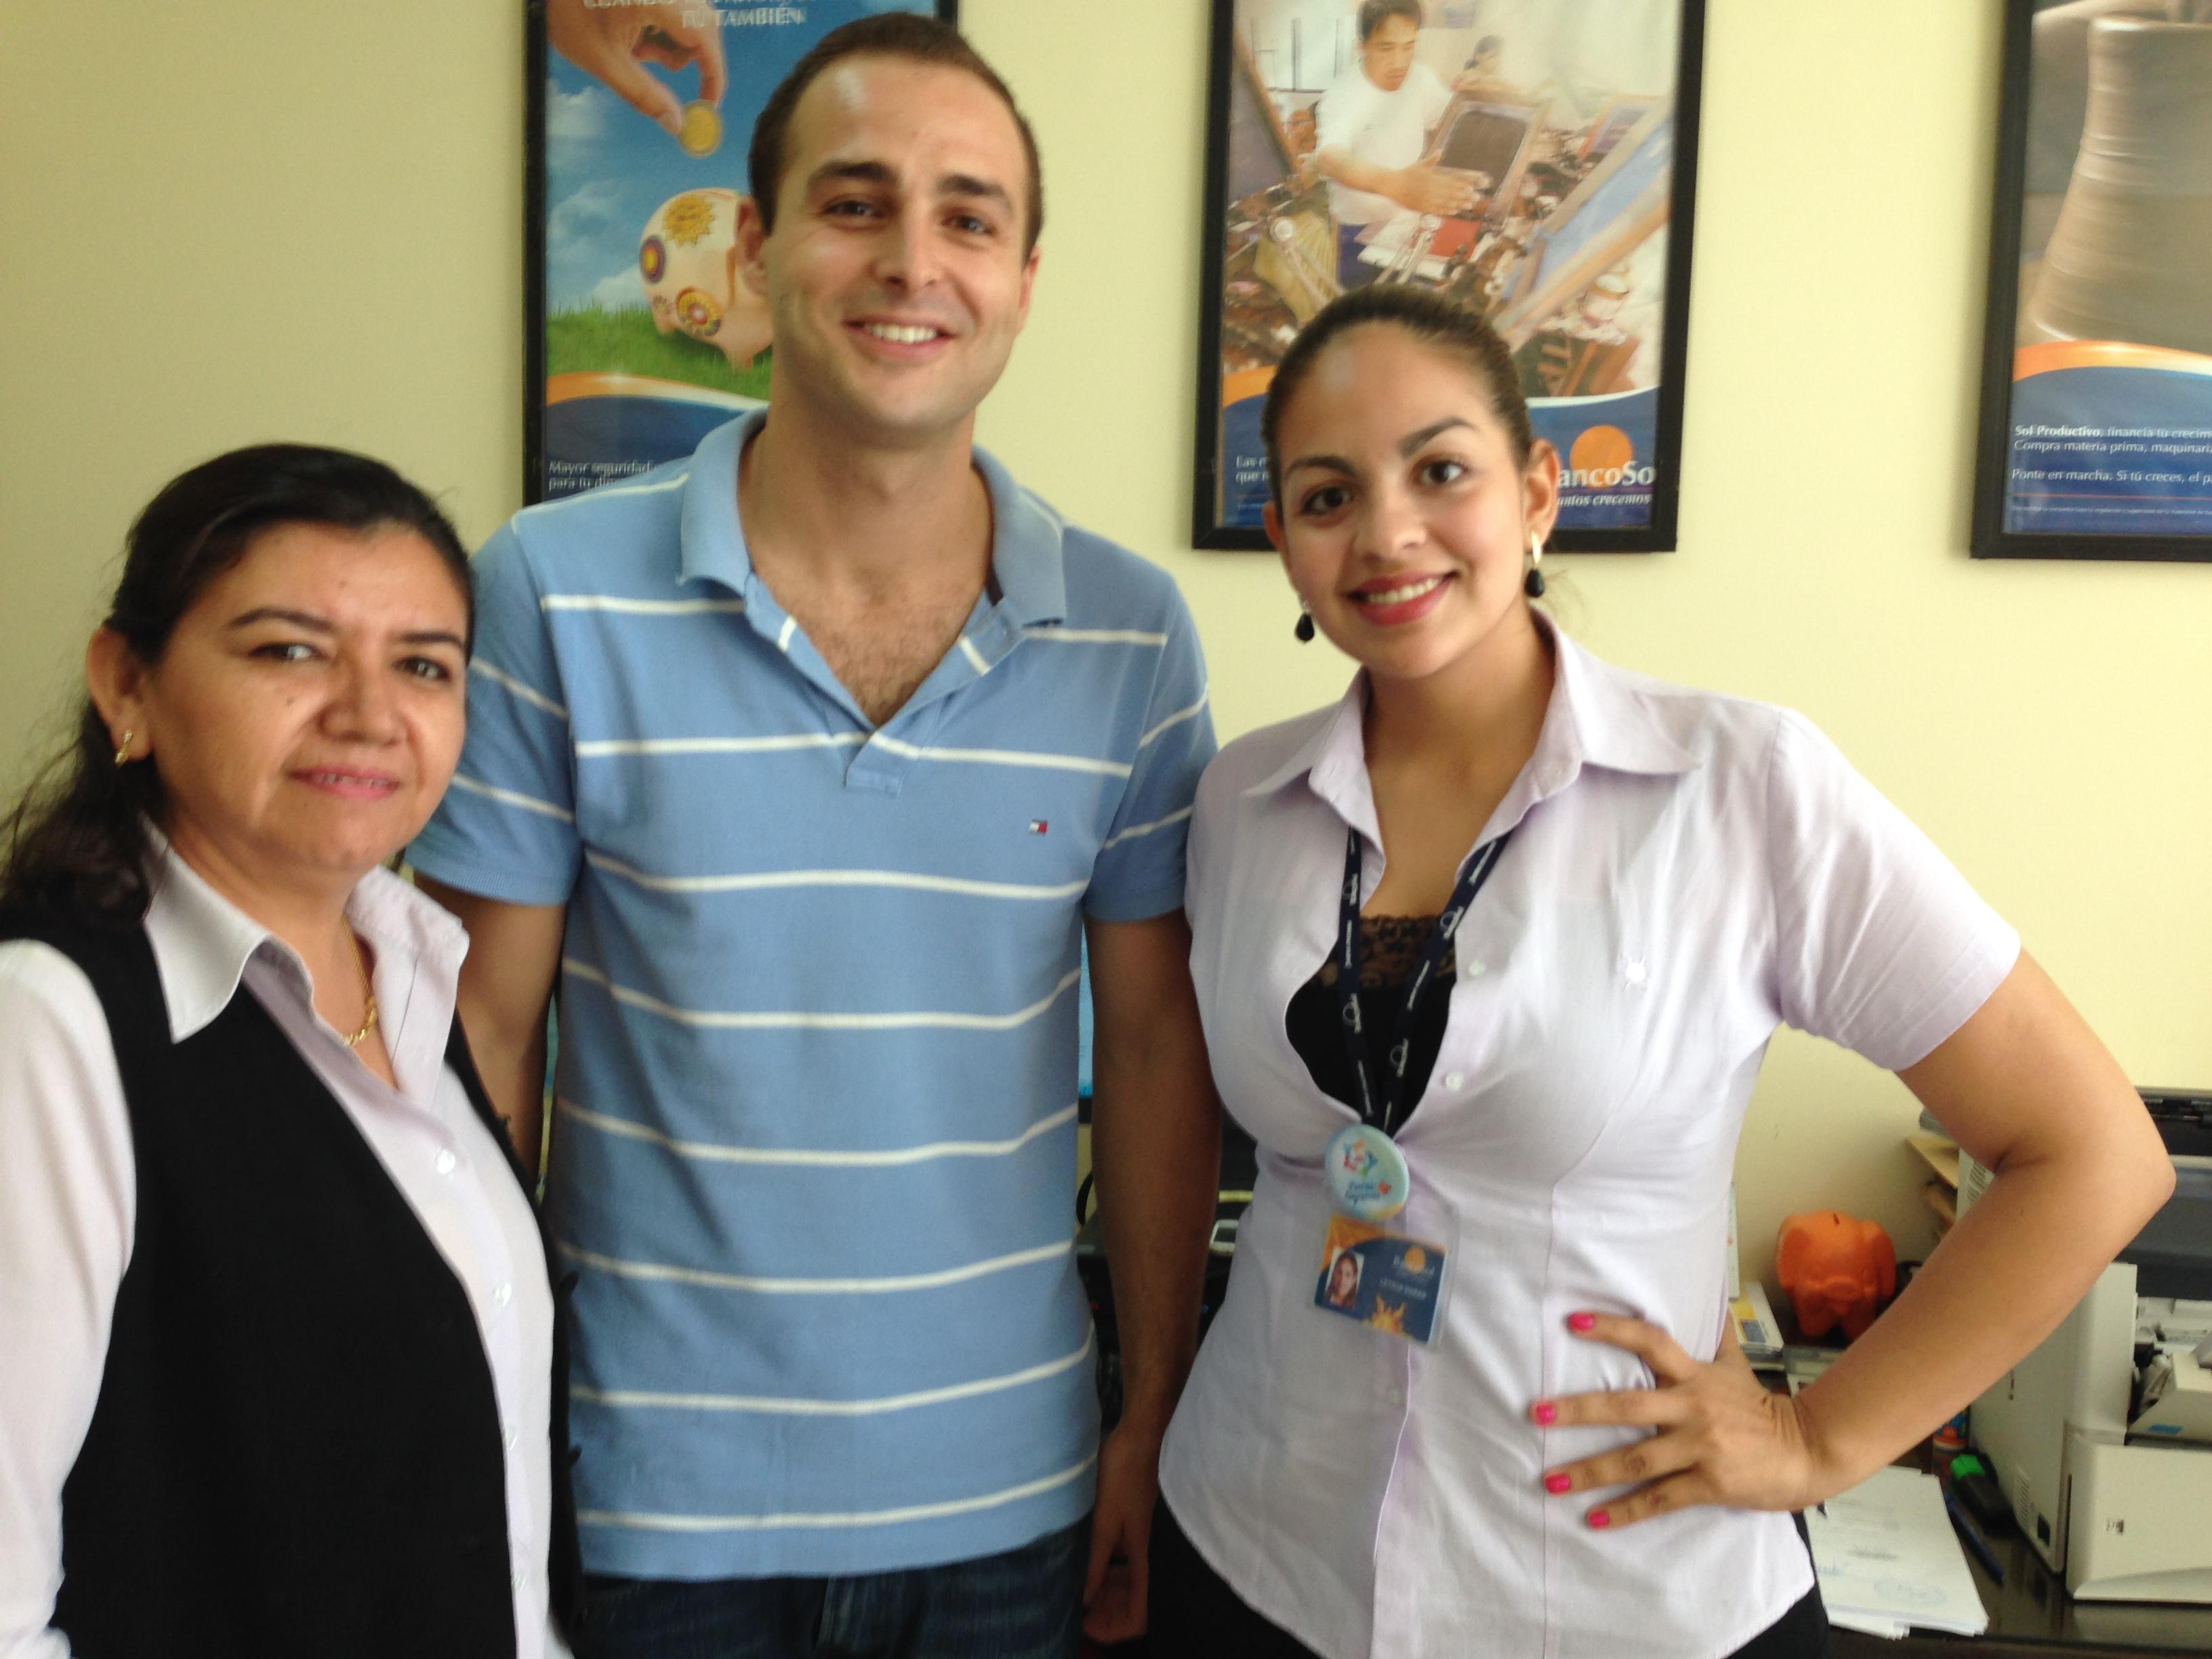 Con Lizbeth Hurtado (Encargada de Cartera) y Leticia Durán (Analista Regional de Marketing) de Banco Sol